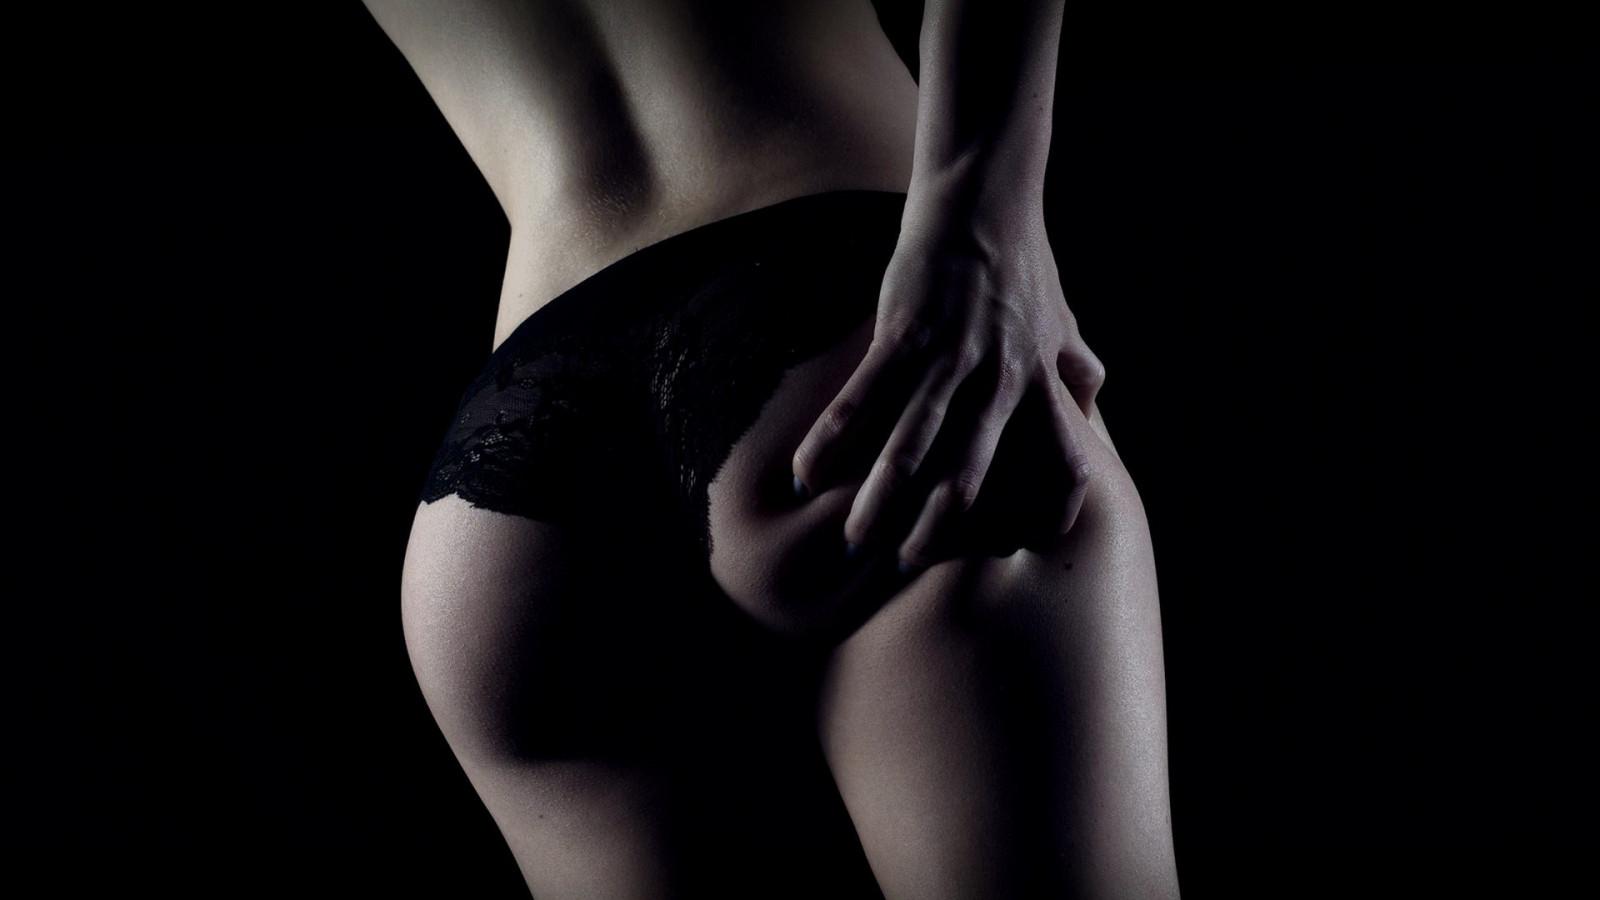 Фотографии эротических поп, Голые жопы Эро фото 11 фотография